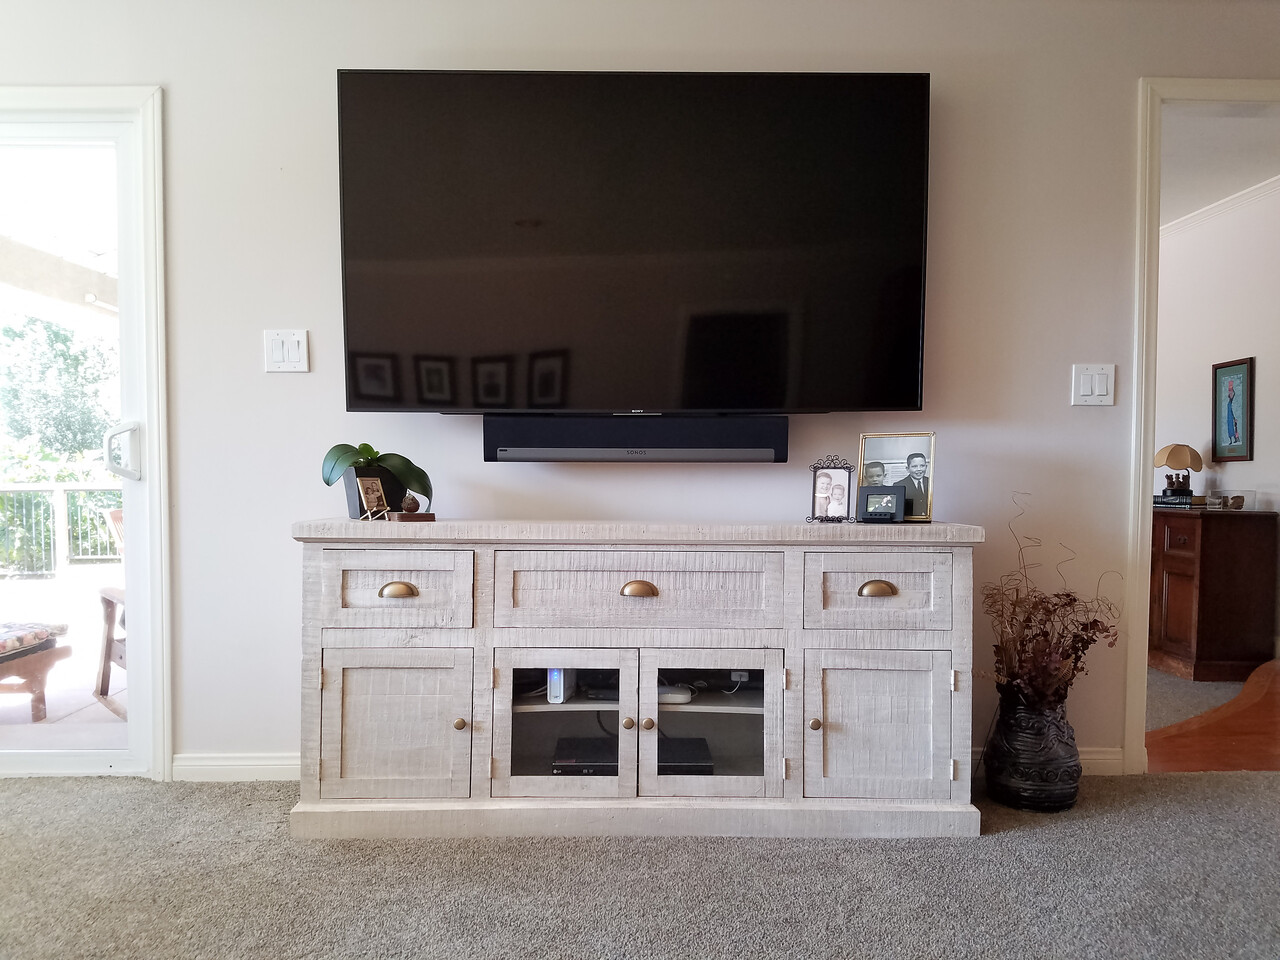 12 - 09-25-2017 Presentation Room TV Wall